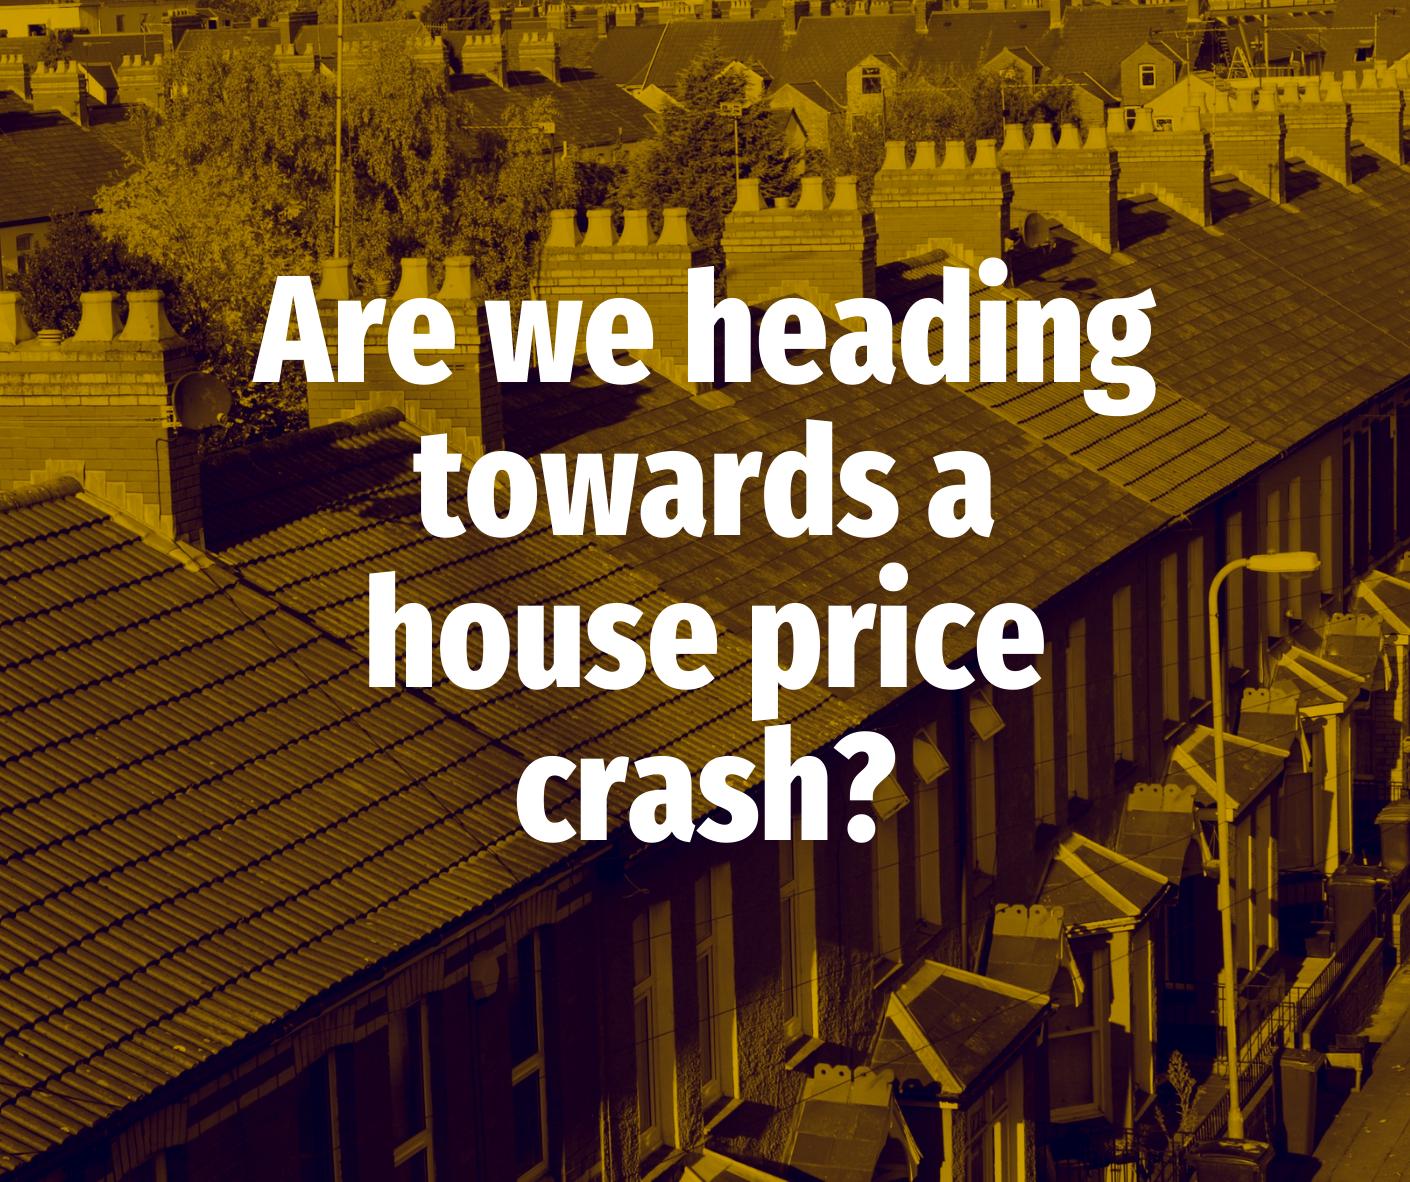 are_we_heading_housing_crash